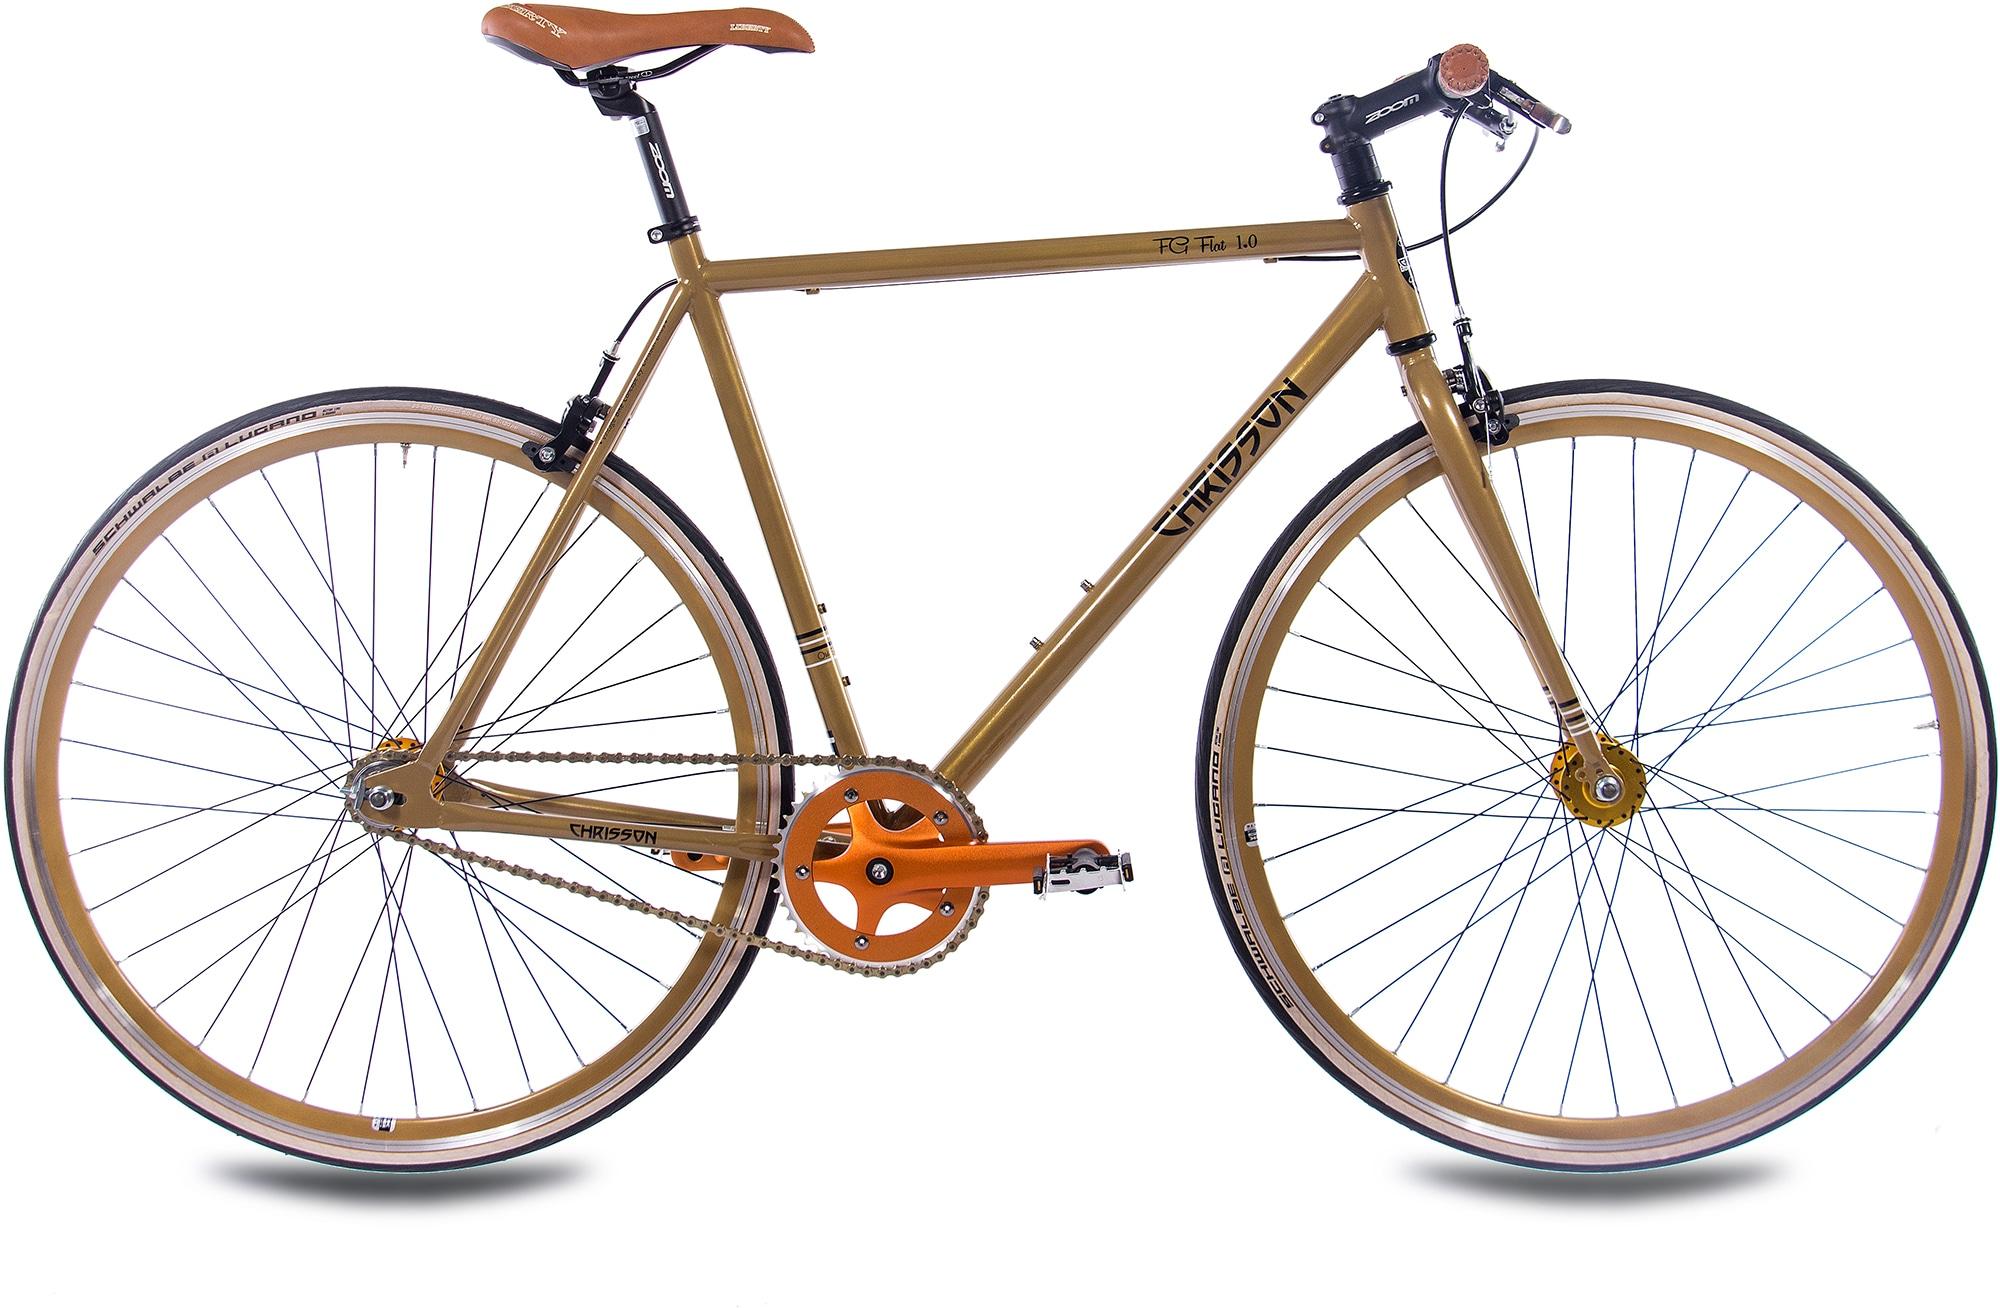 Chrisson Singlespeed FG Flat 1.0, ohne Schaltung, (1 tlg.) goldfarben Fahrräder Zubehör Fahrrad